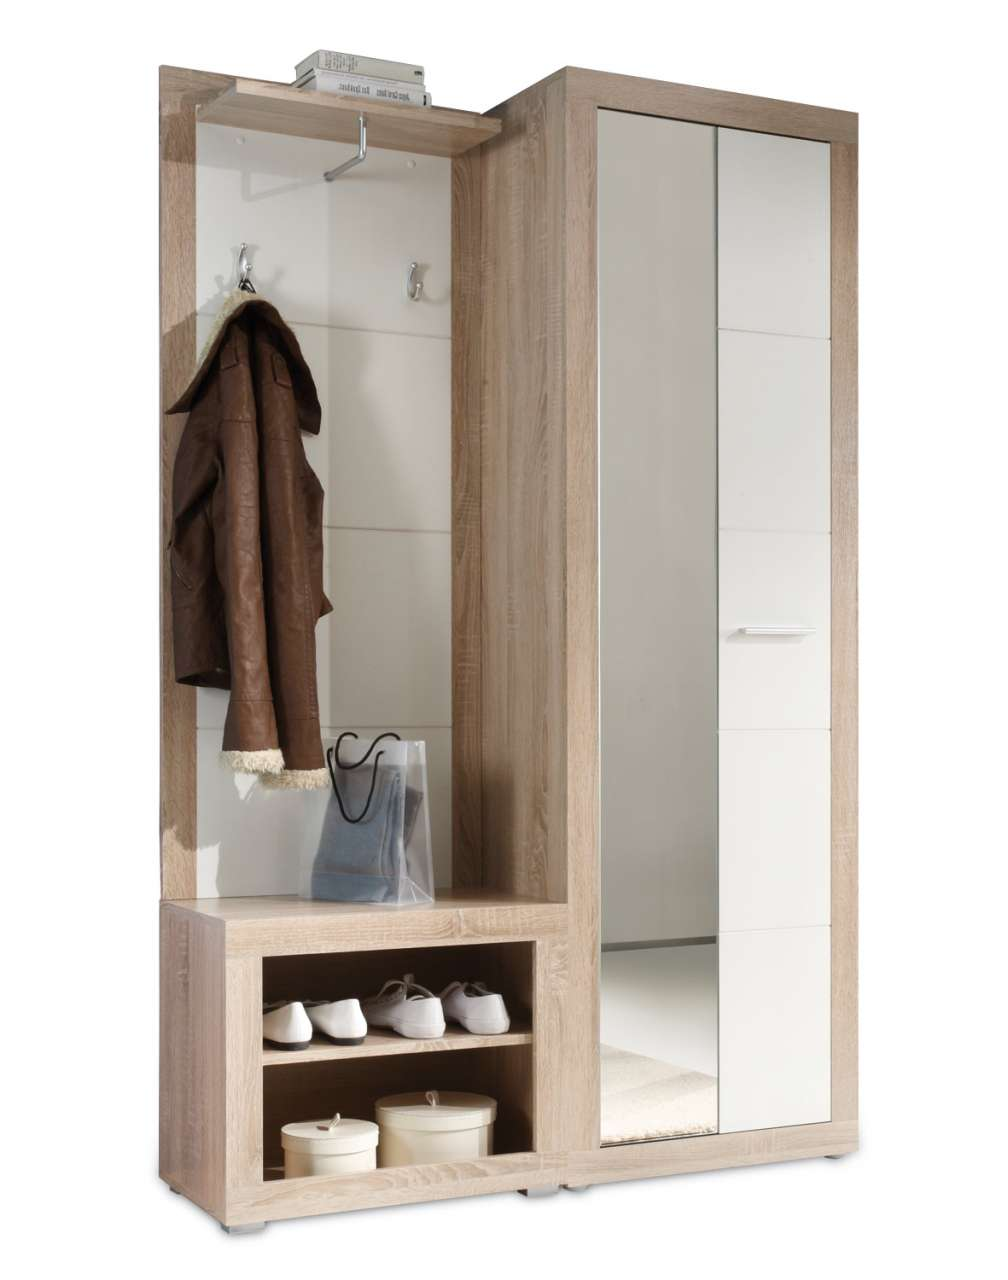 moebel-jack.de Garderobe CLAUDINE, Hochglanz Weiß